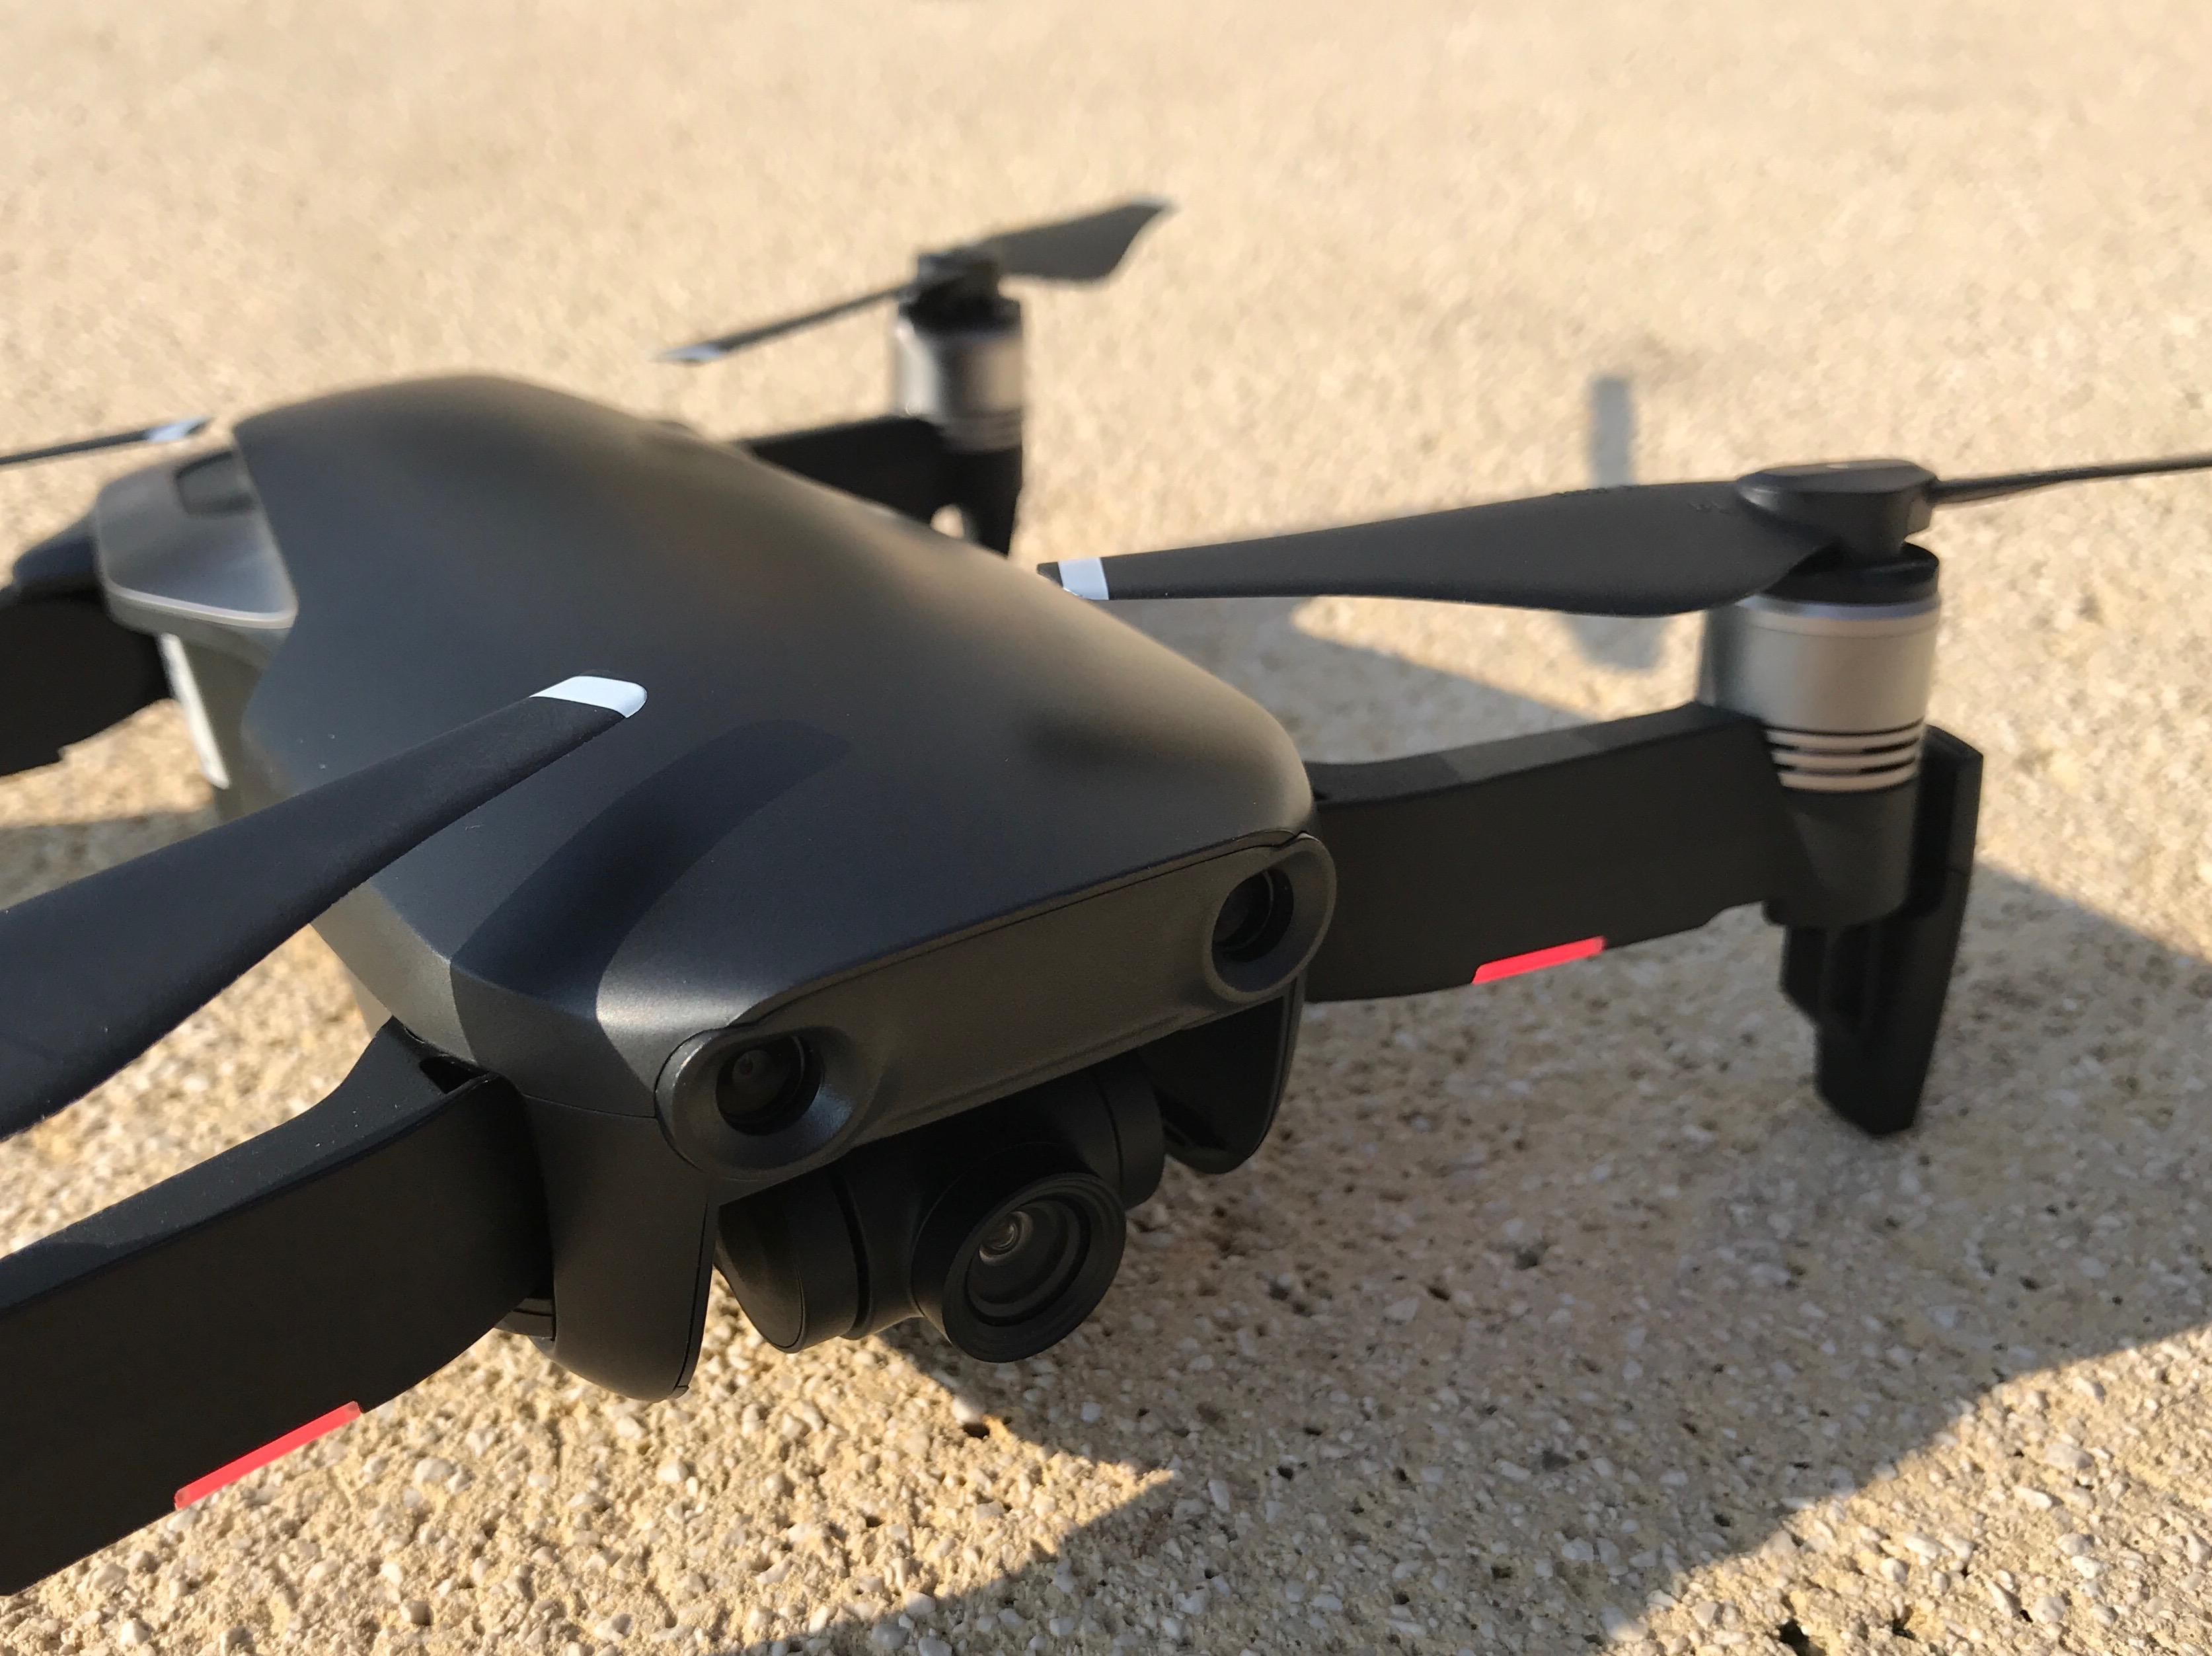 3ceb1f35f16 Concernant les possibilités de stockage sur le Mavic Air, plusieurs options  s'offrent à vous. Le drone possède une capacité interne de 8 Go, ainsi  qu'une ...